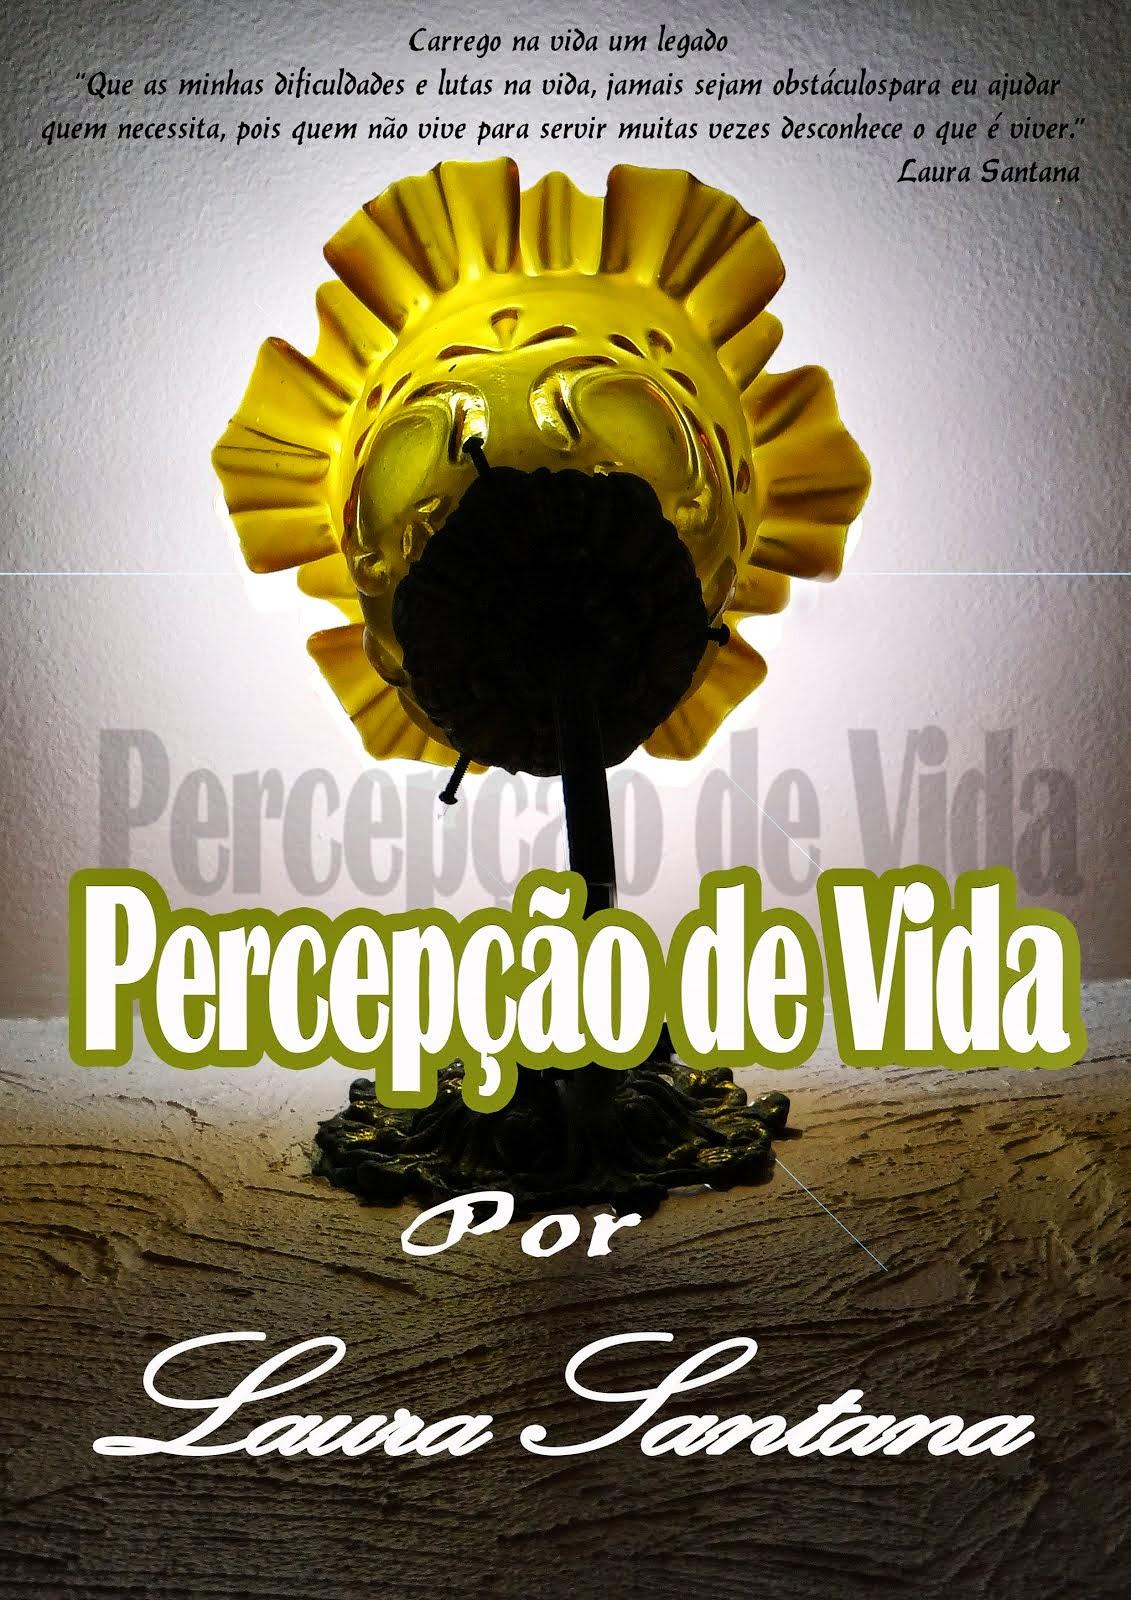 Livro de Laura Santana e Capa de Mauricio Santana